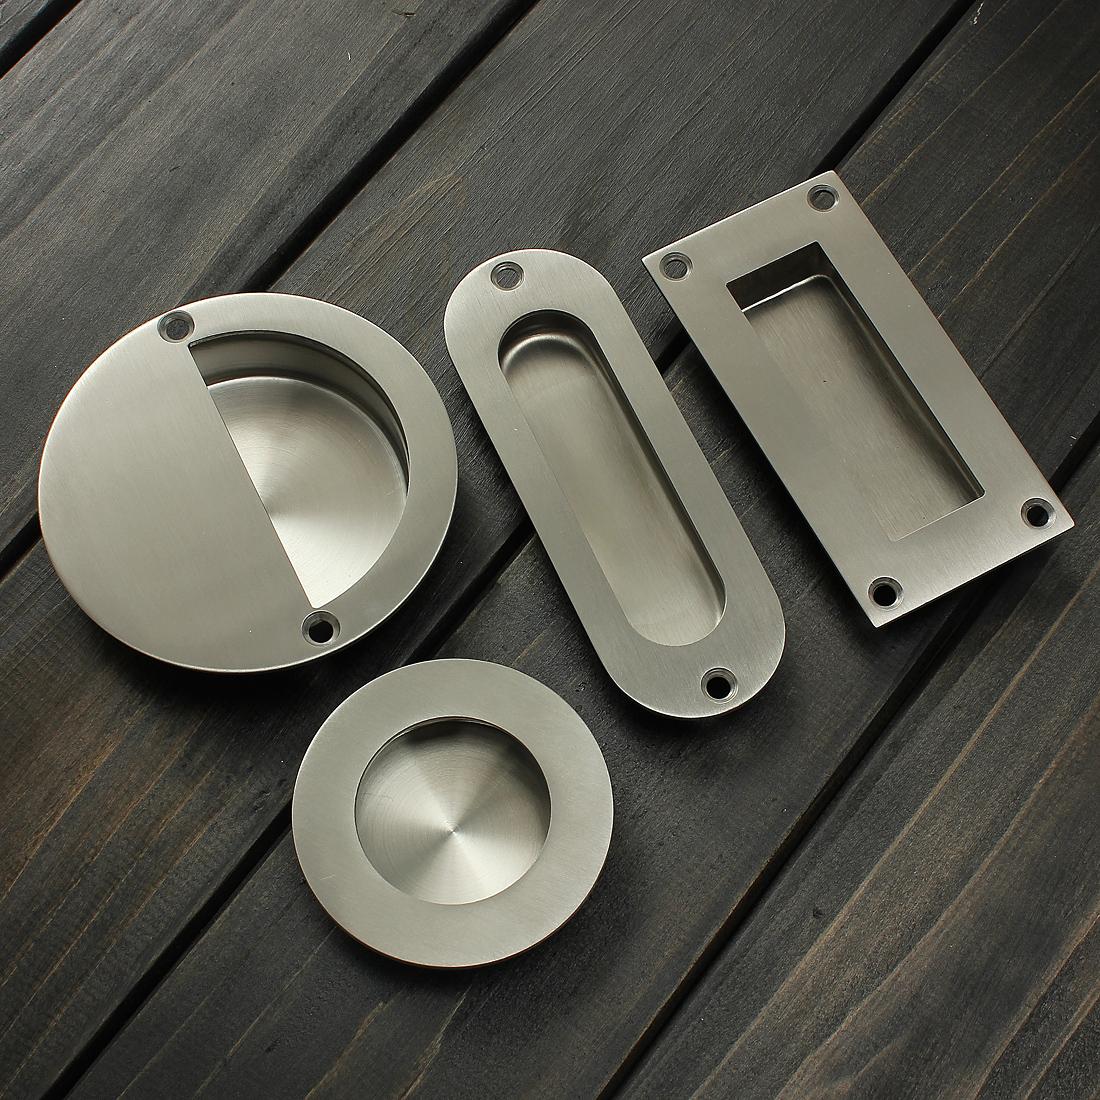 Bouton porte tiroir tirer poign e meuble coquille armoire for Meuble porte electrique